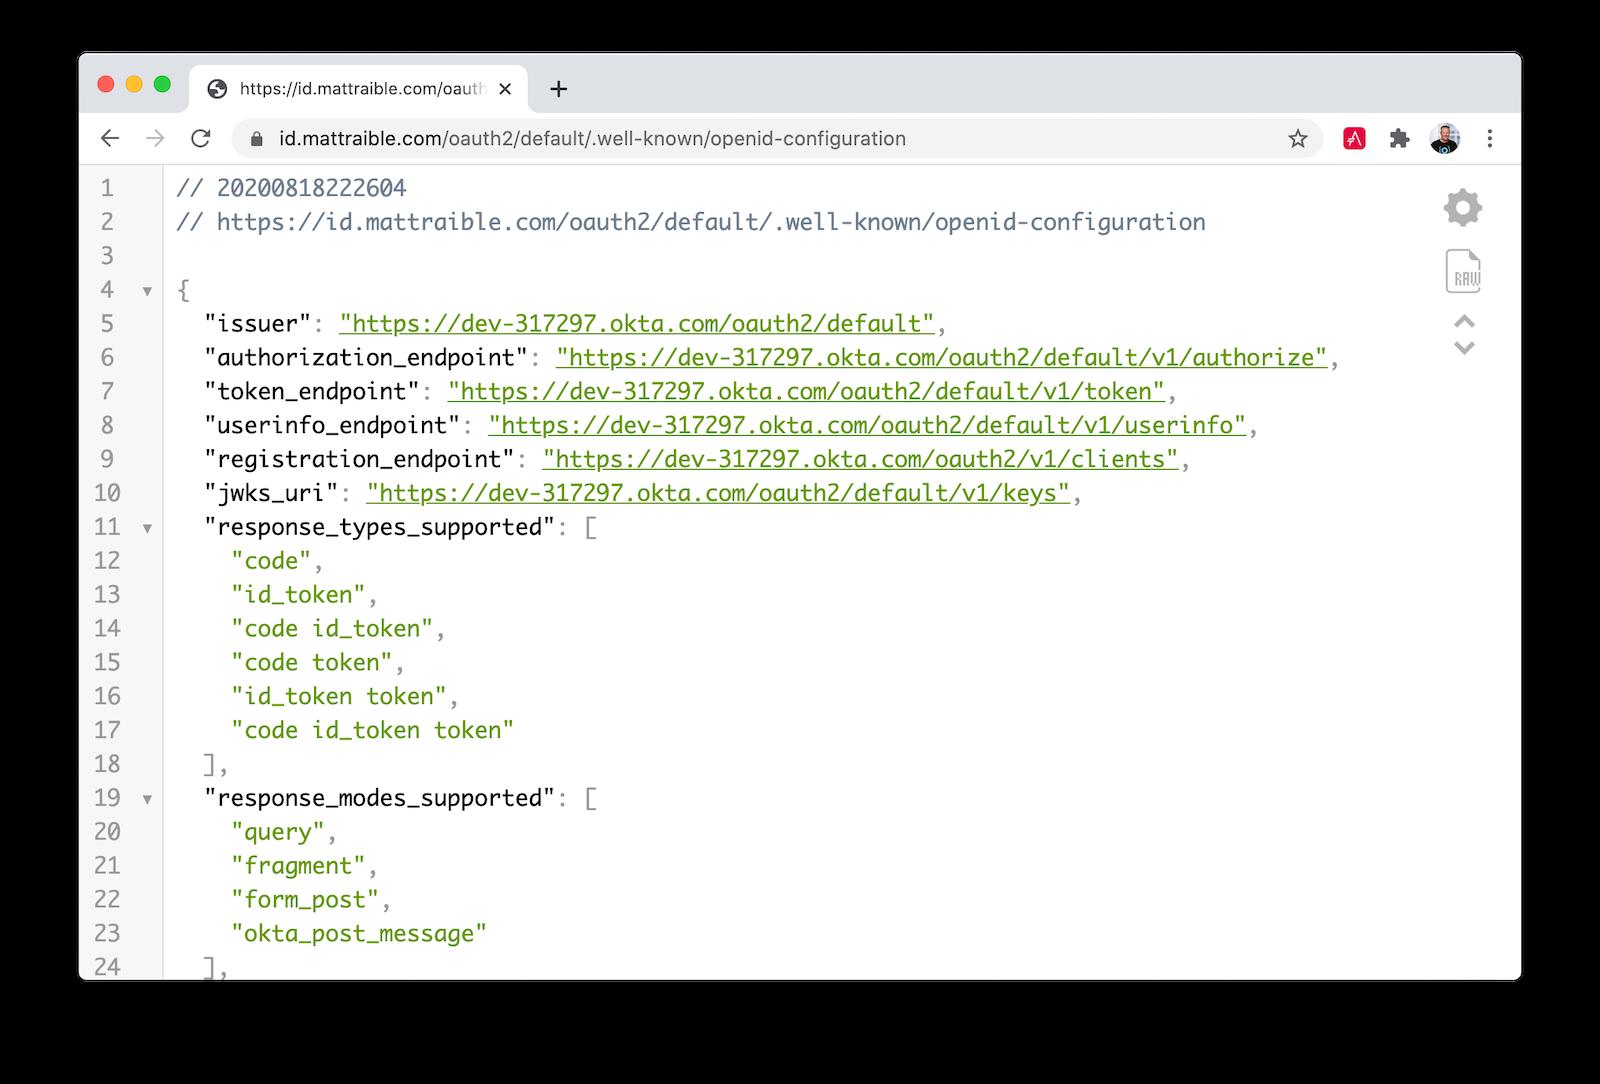 OIDC configuration endpoint JSON